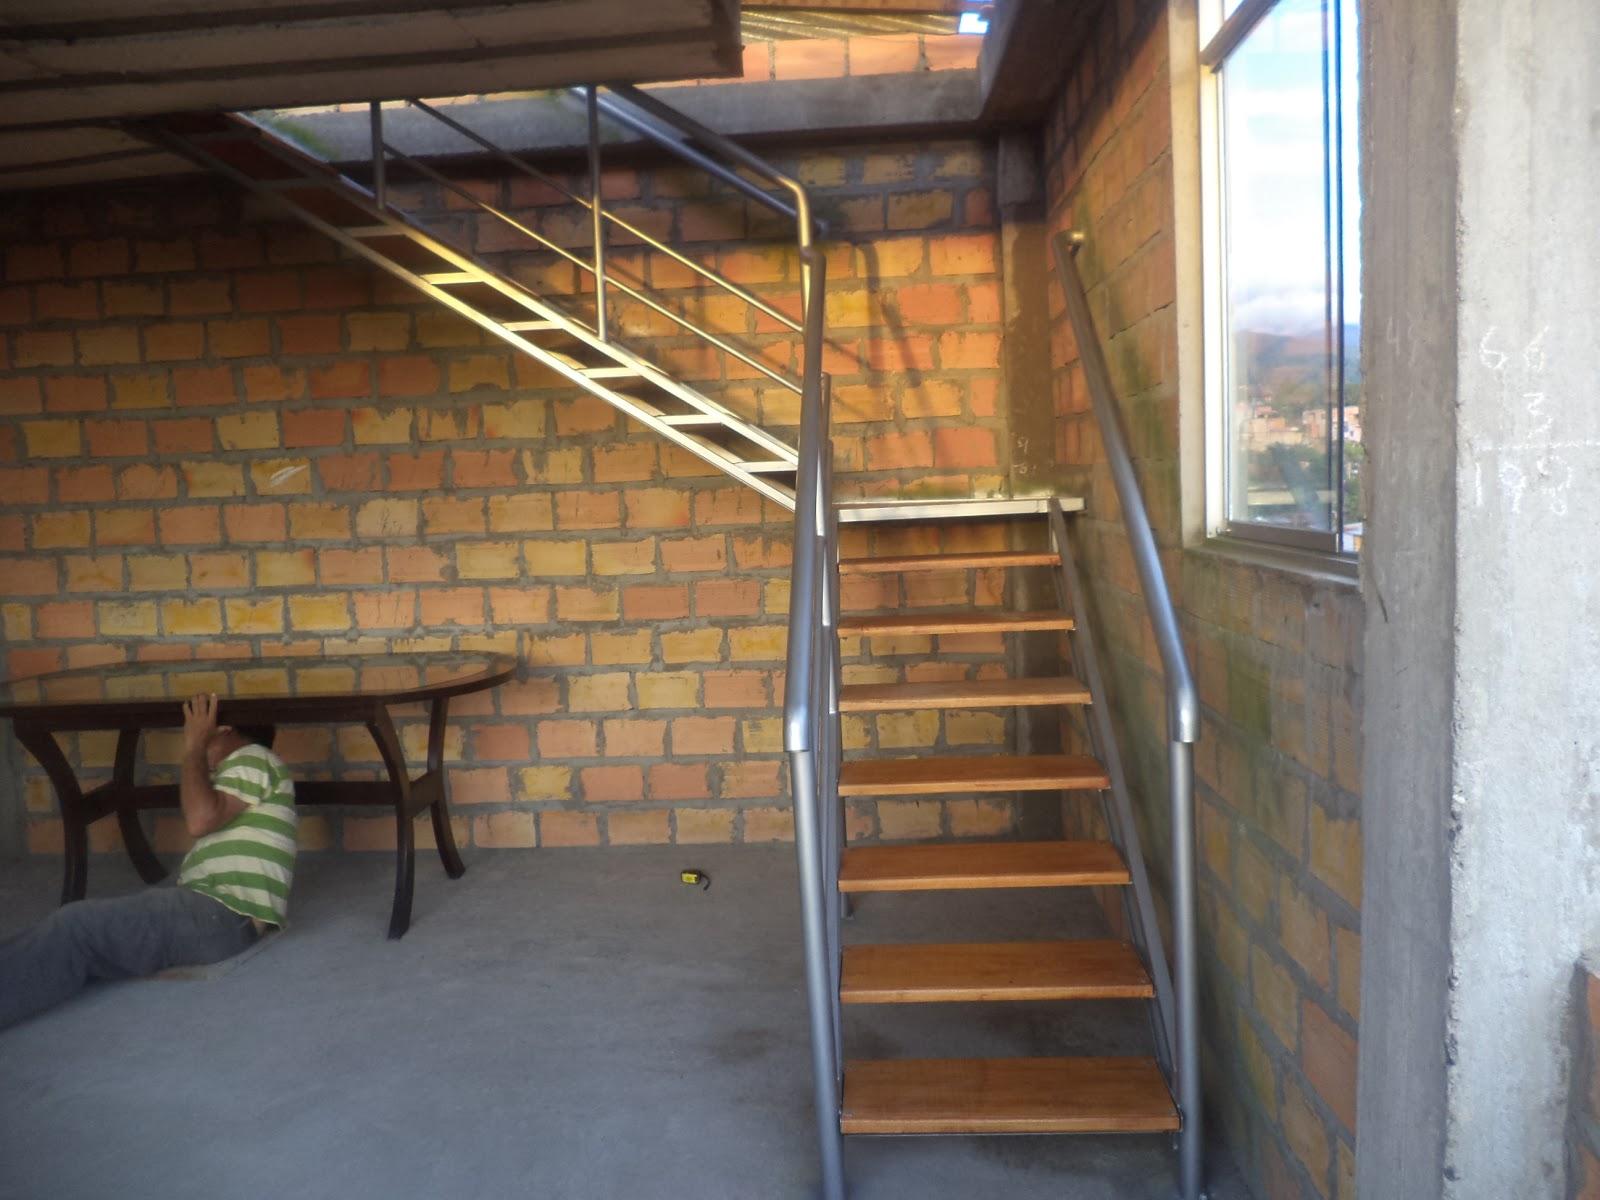 Servicios de carpinteria de metal y madera en tarapoto - Puertas de escalera ...